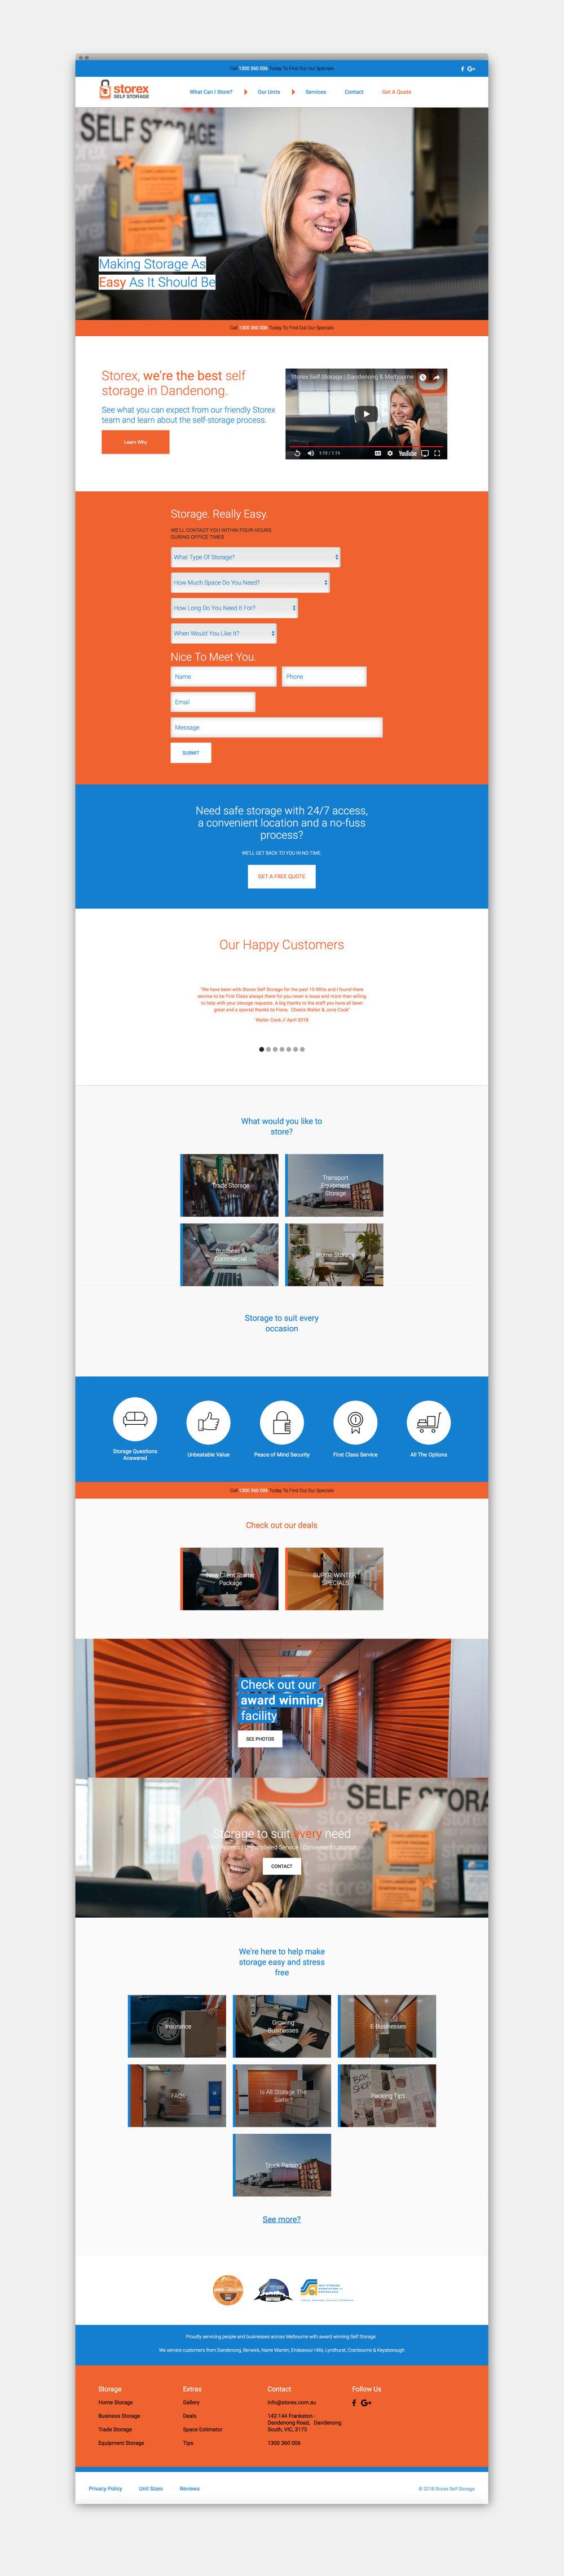 Storex-Site-v2.jpg